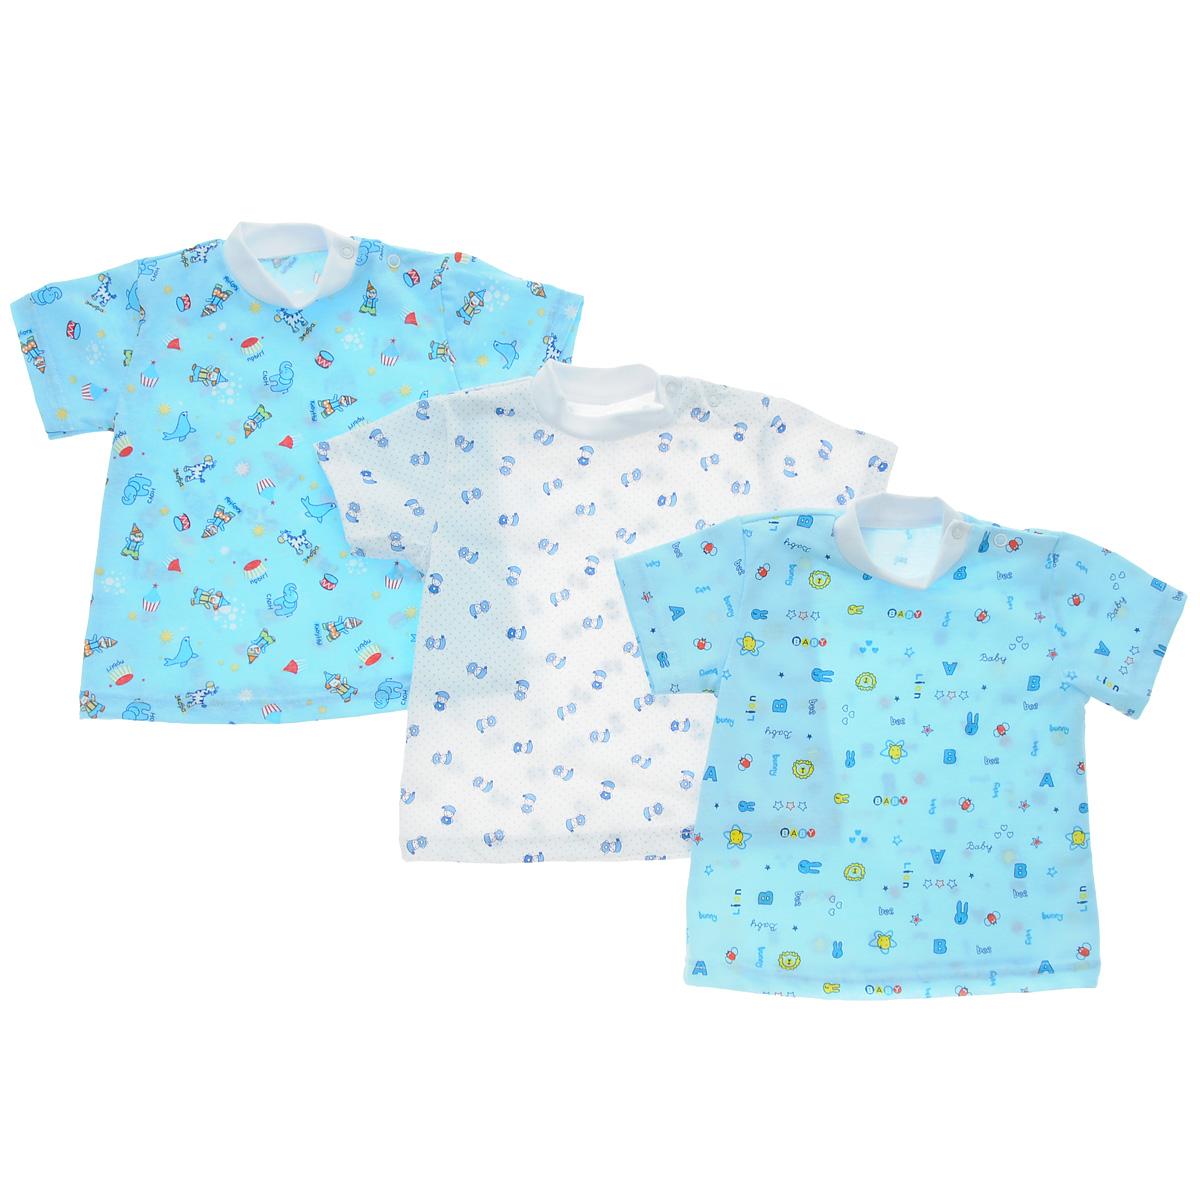 Комплект футболок для мальчика Фреш стайл, 3 цвета, 3 шт. 10-237м. Размер 80, 12 месяцев10-237мКомплект Фреш Стайл состоит из трех футболок для мальчика разных цветов с забавными рисунками. Выполненные из натурального хлопка, они необычайно мягкие и приятные на ощупь, не раздражают нежную кожу ребенка и хорошо вентилируются. Футболки с короткими рукавами и воротником-стойкой застегиваются на две застежки-кнопки по плечу, что помогает без проблем переодет малыша. Оригинальное сочетание тканей и забавный рисунок делают этот предмет детской одежды оригинальным и стильным. УВАЖАЕМЫЕ КЛИЕНТЫ! Обращаем ваше внимание на возможные изменения в дизайне, связанные с ассортиментом продукции: рисунок и цветовая гамма могут отличаться от представленного на изображении. Возможные варианты рисунков и цветов представлены на отдельном изображении фрагментом ткани.